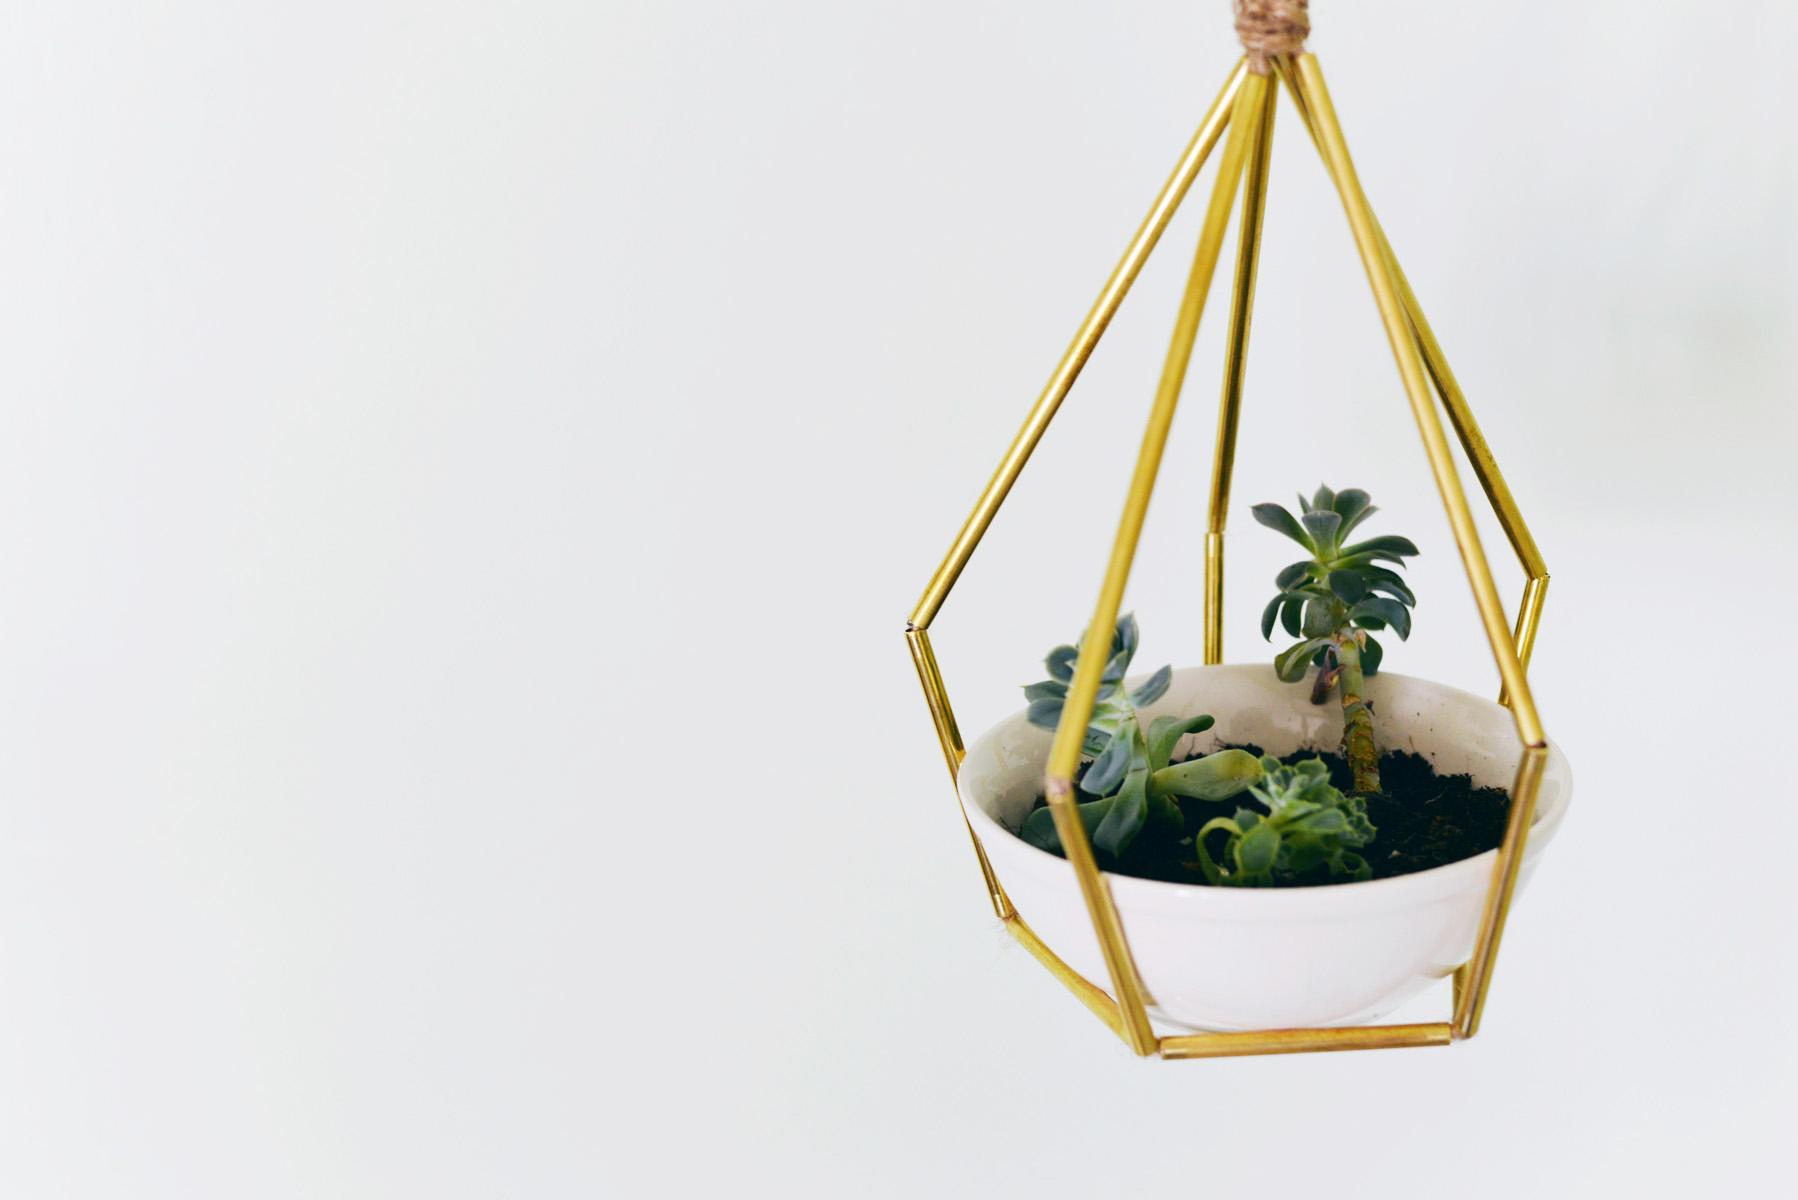 DIY Geometric Metal Tubing Hanging Planter